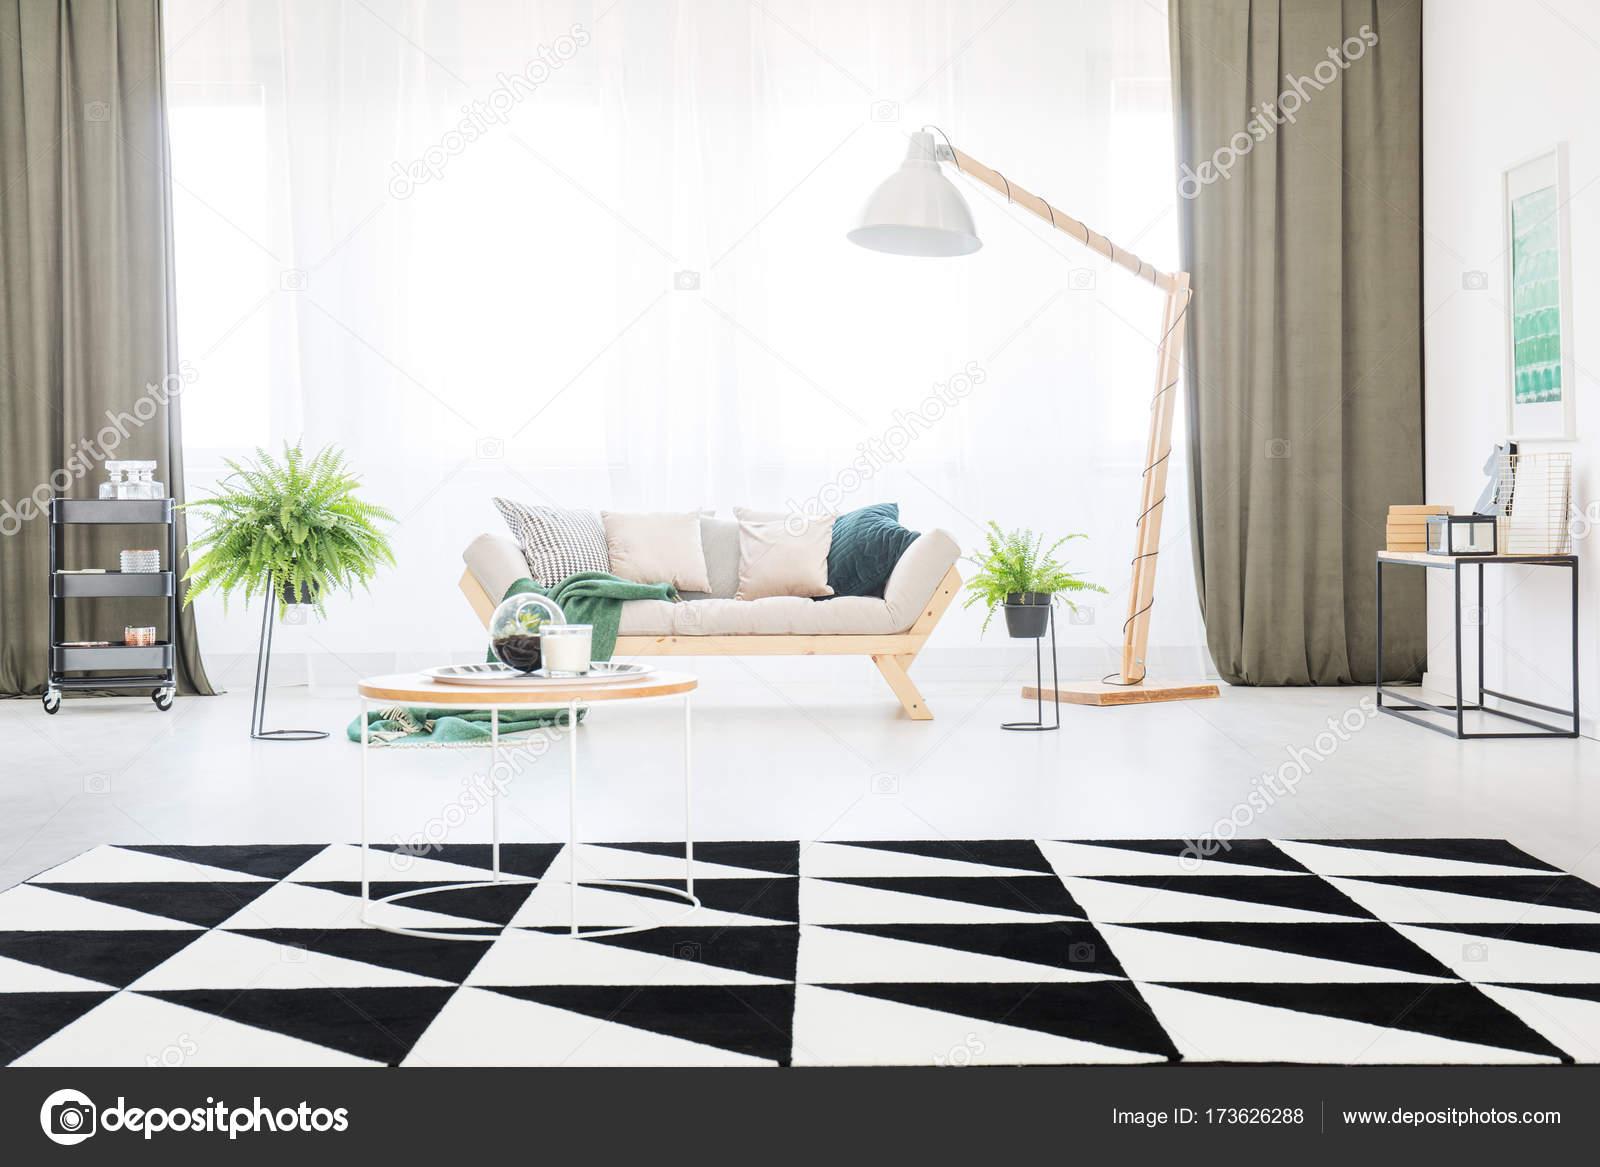 Tapijt In Woonkamer : Tapijt in de lichte woonkamer u stockfoto photographee eu